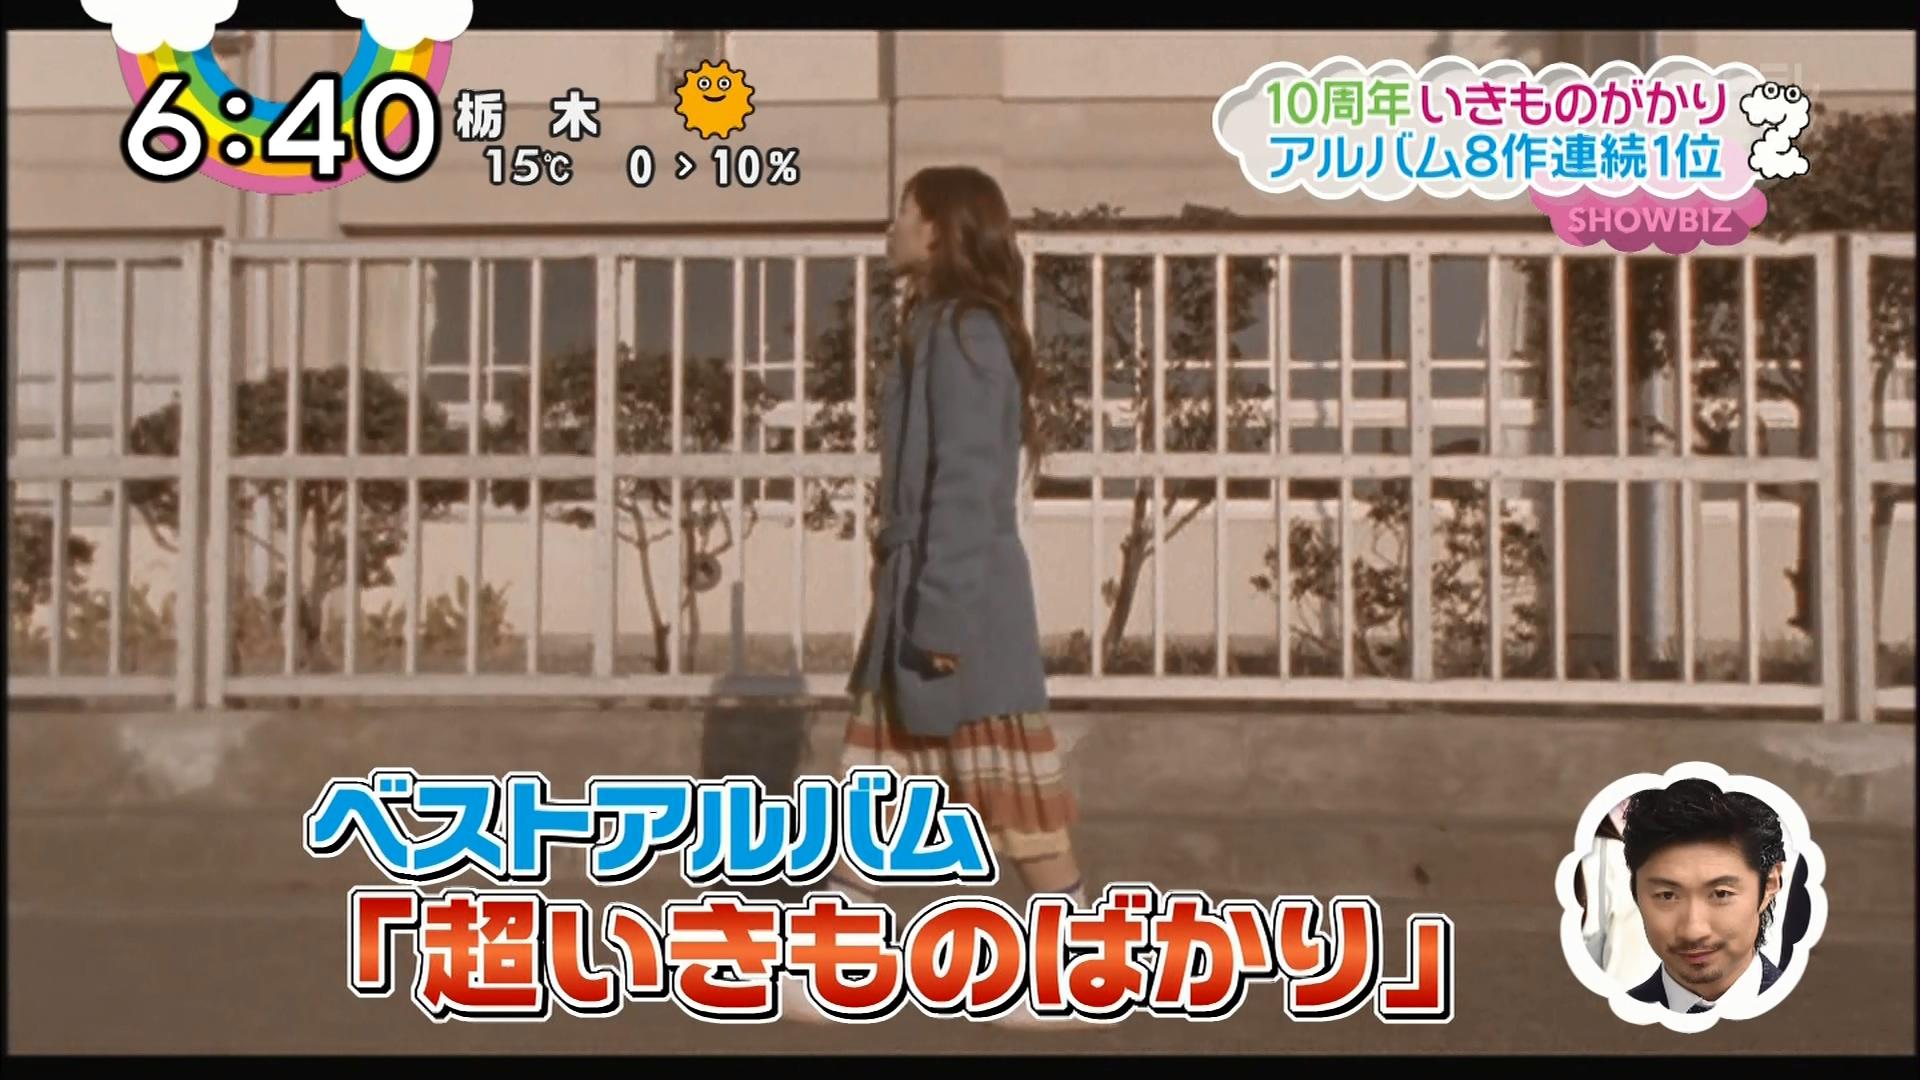 2016.03.22 10周年 いきものがかり - アルバム8作連続1位(ZIP!).ts_20160322_140713.262